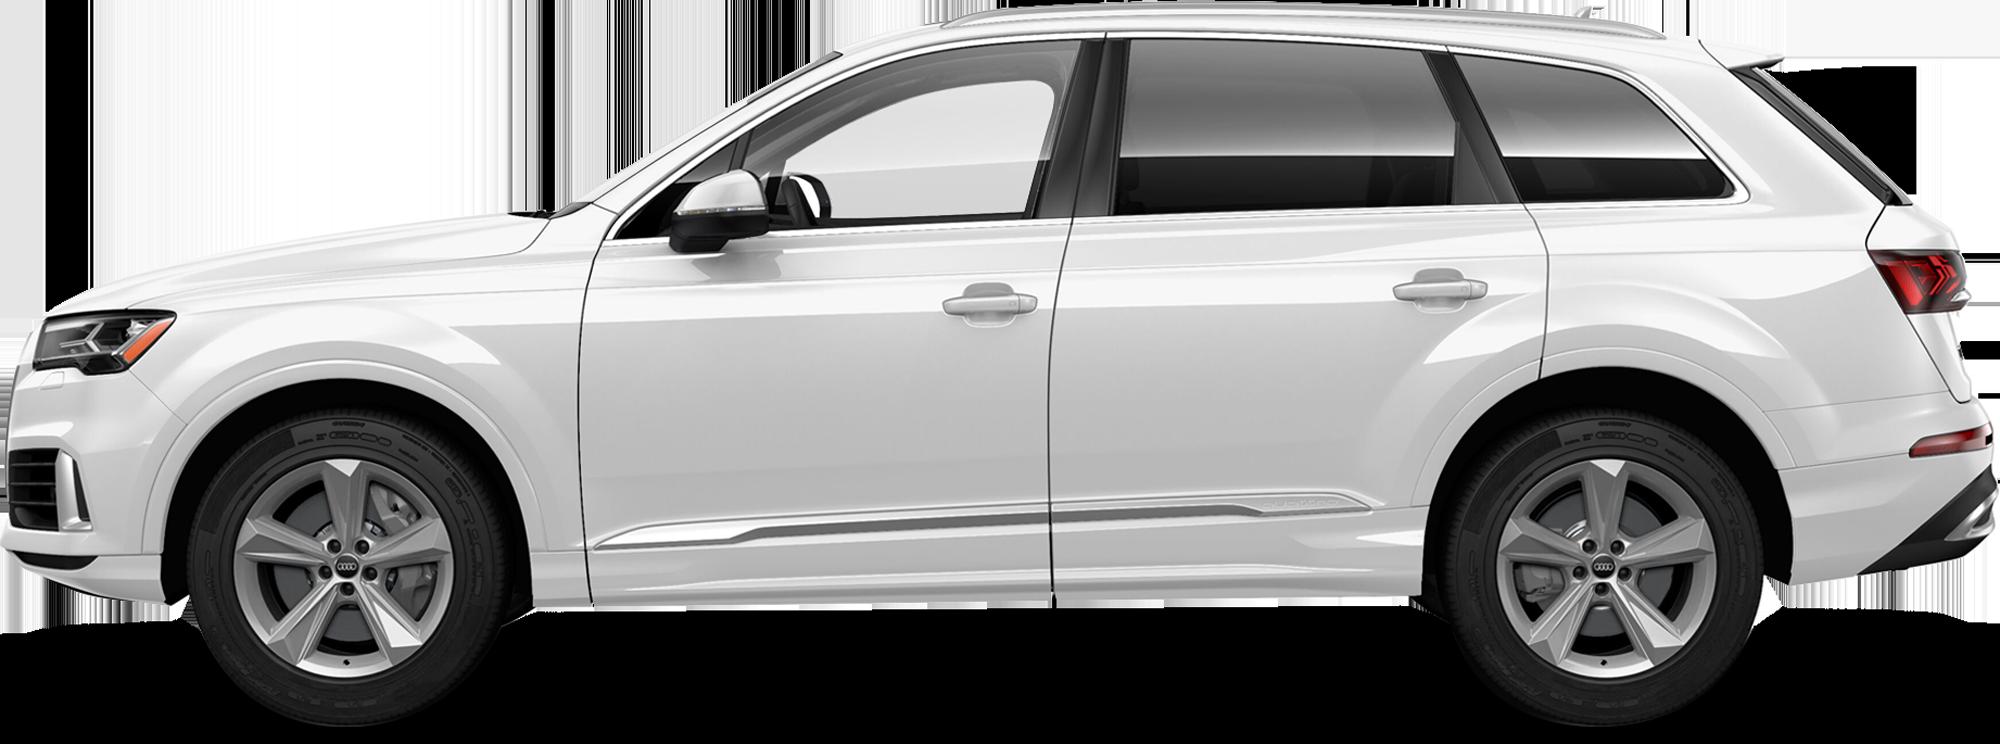 2020 Audi Q7 SUV 55 Premium